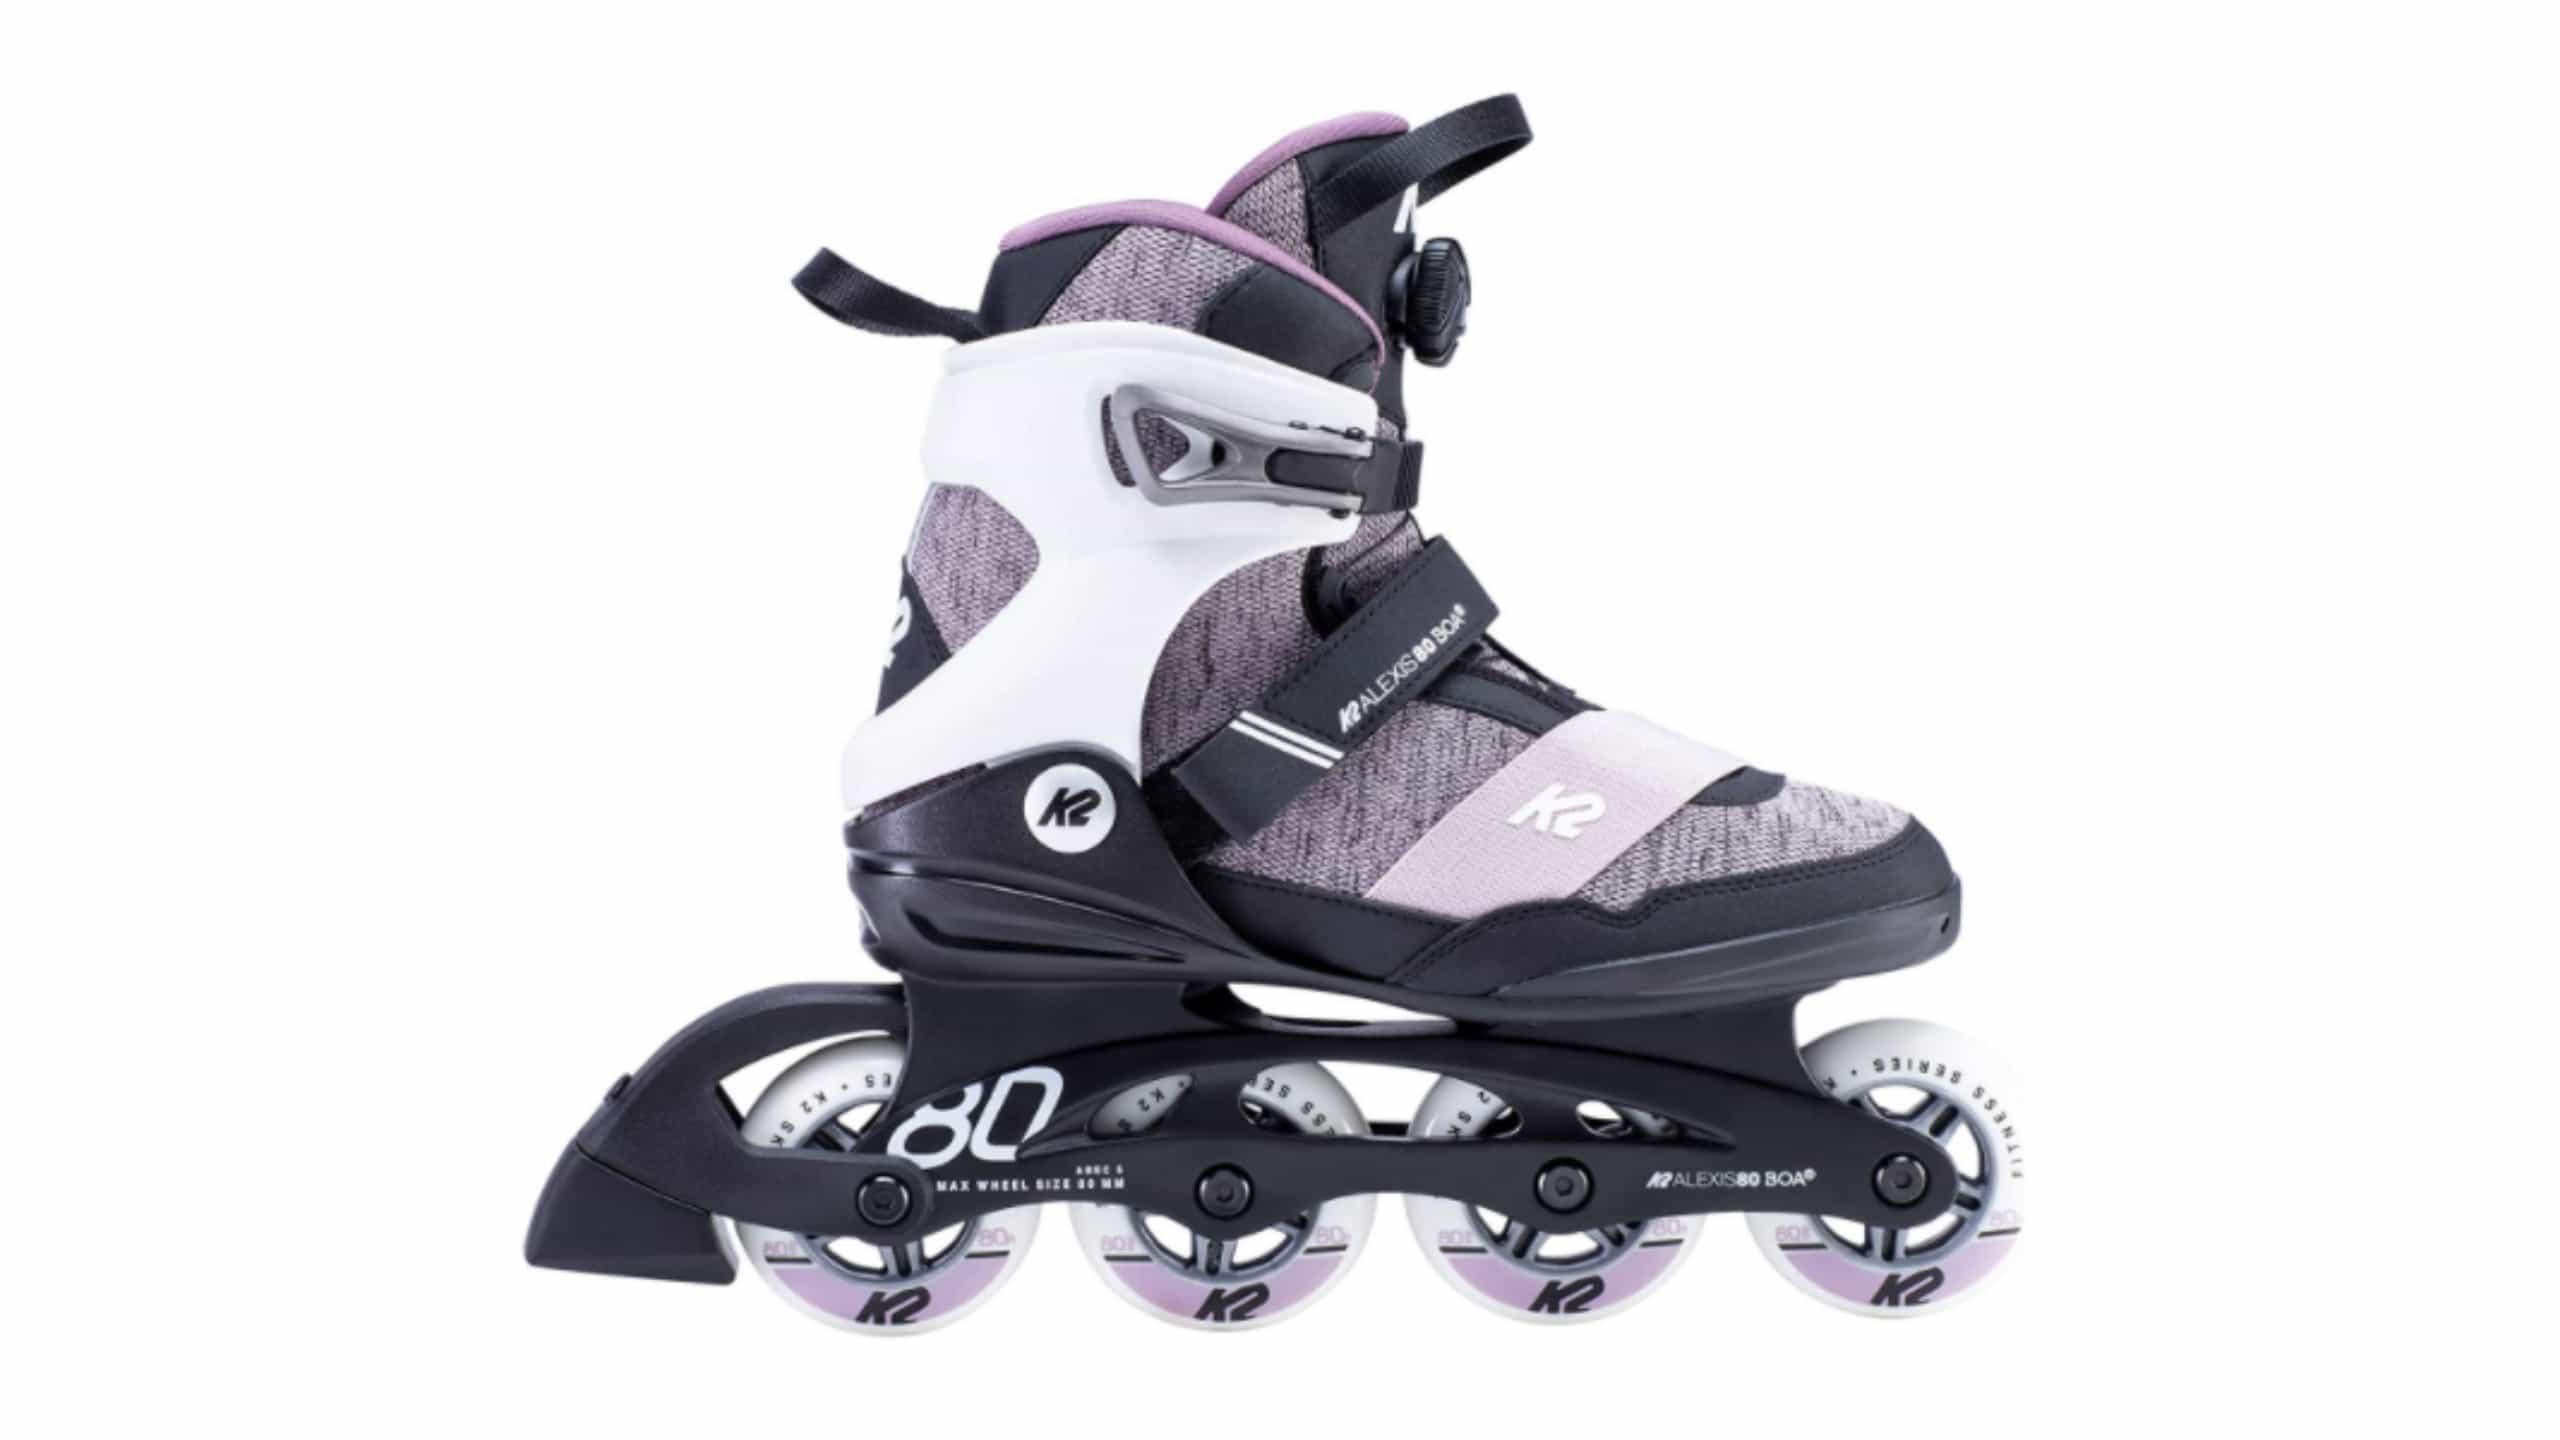 die besten inline-skates damen